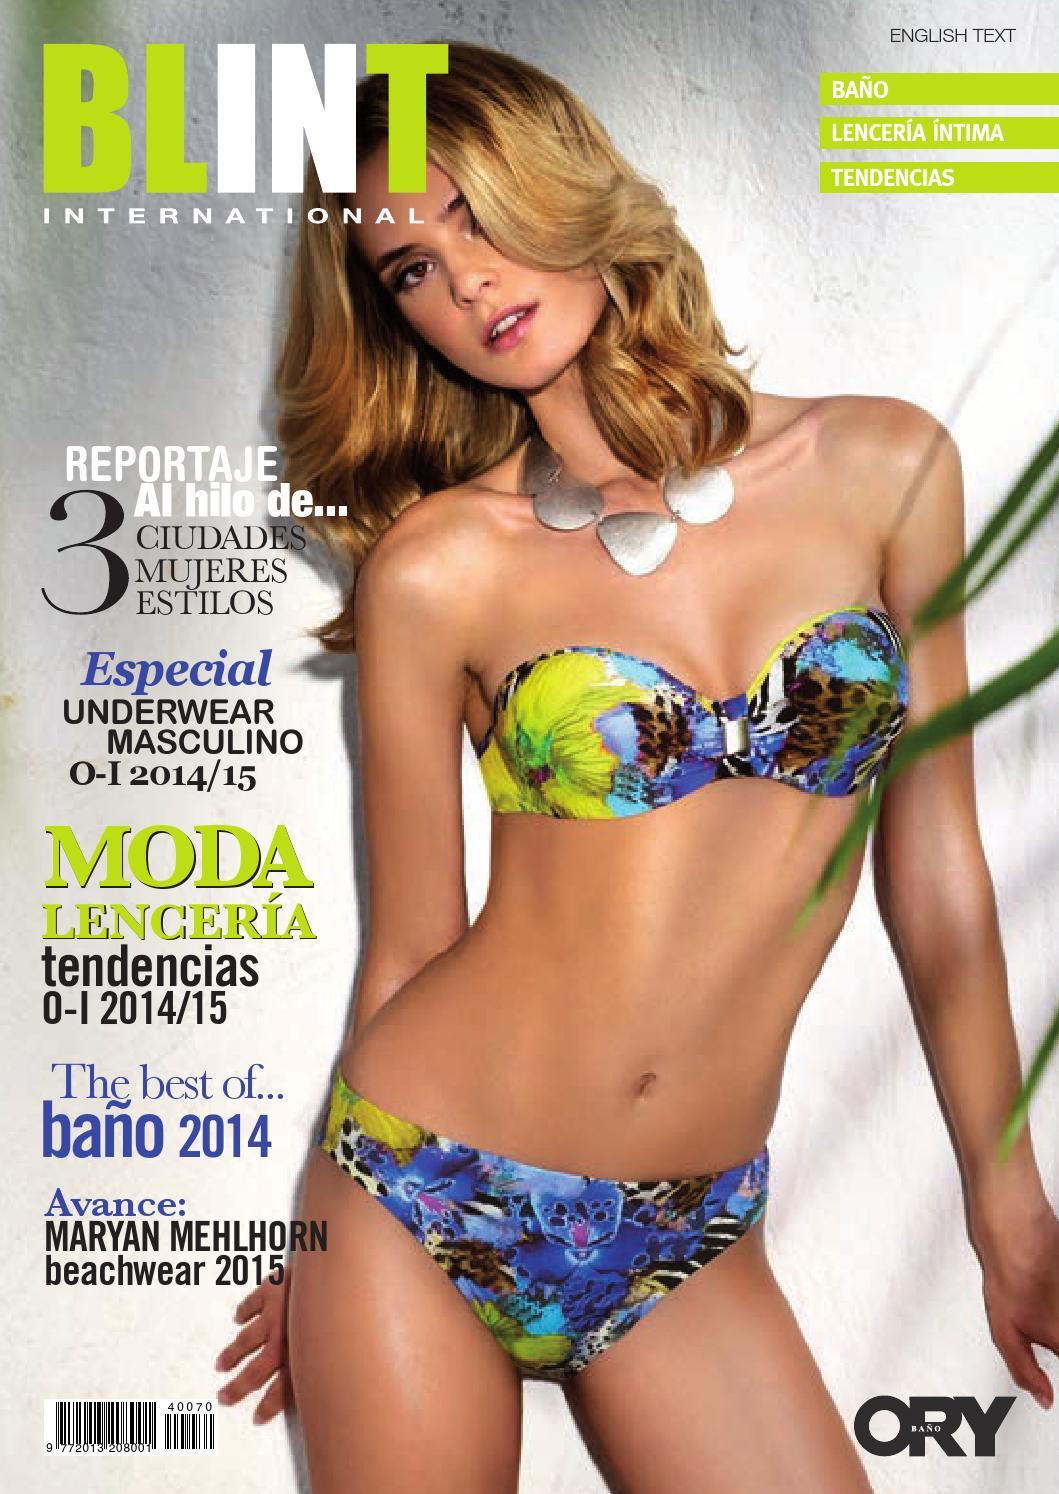 Blint International - n. 70 by Editoriale Moda - issuu 2ea3198e749f